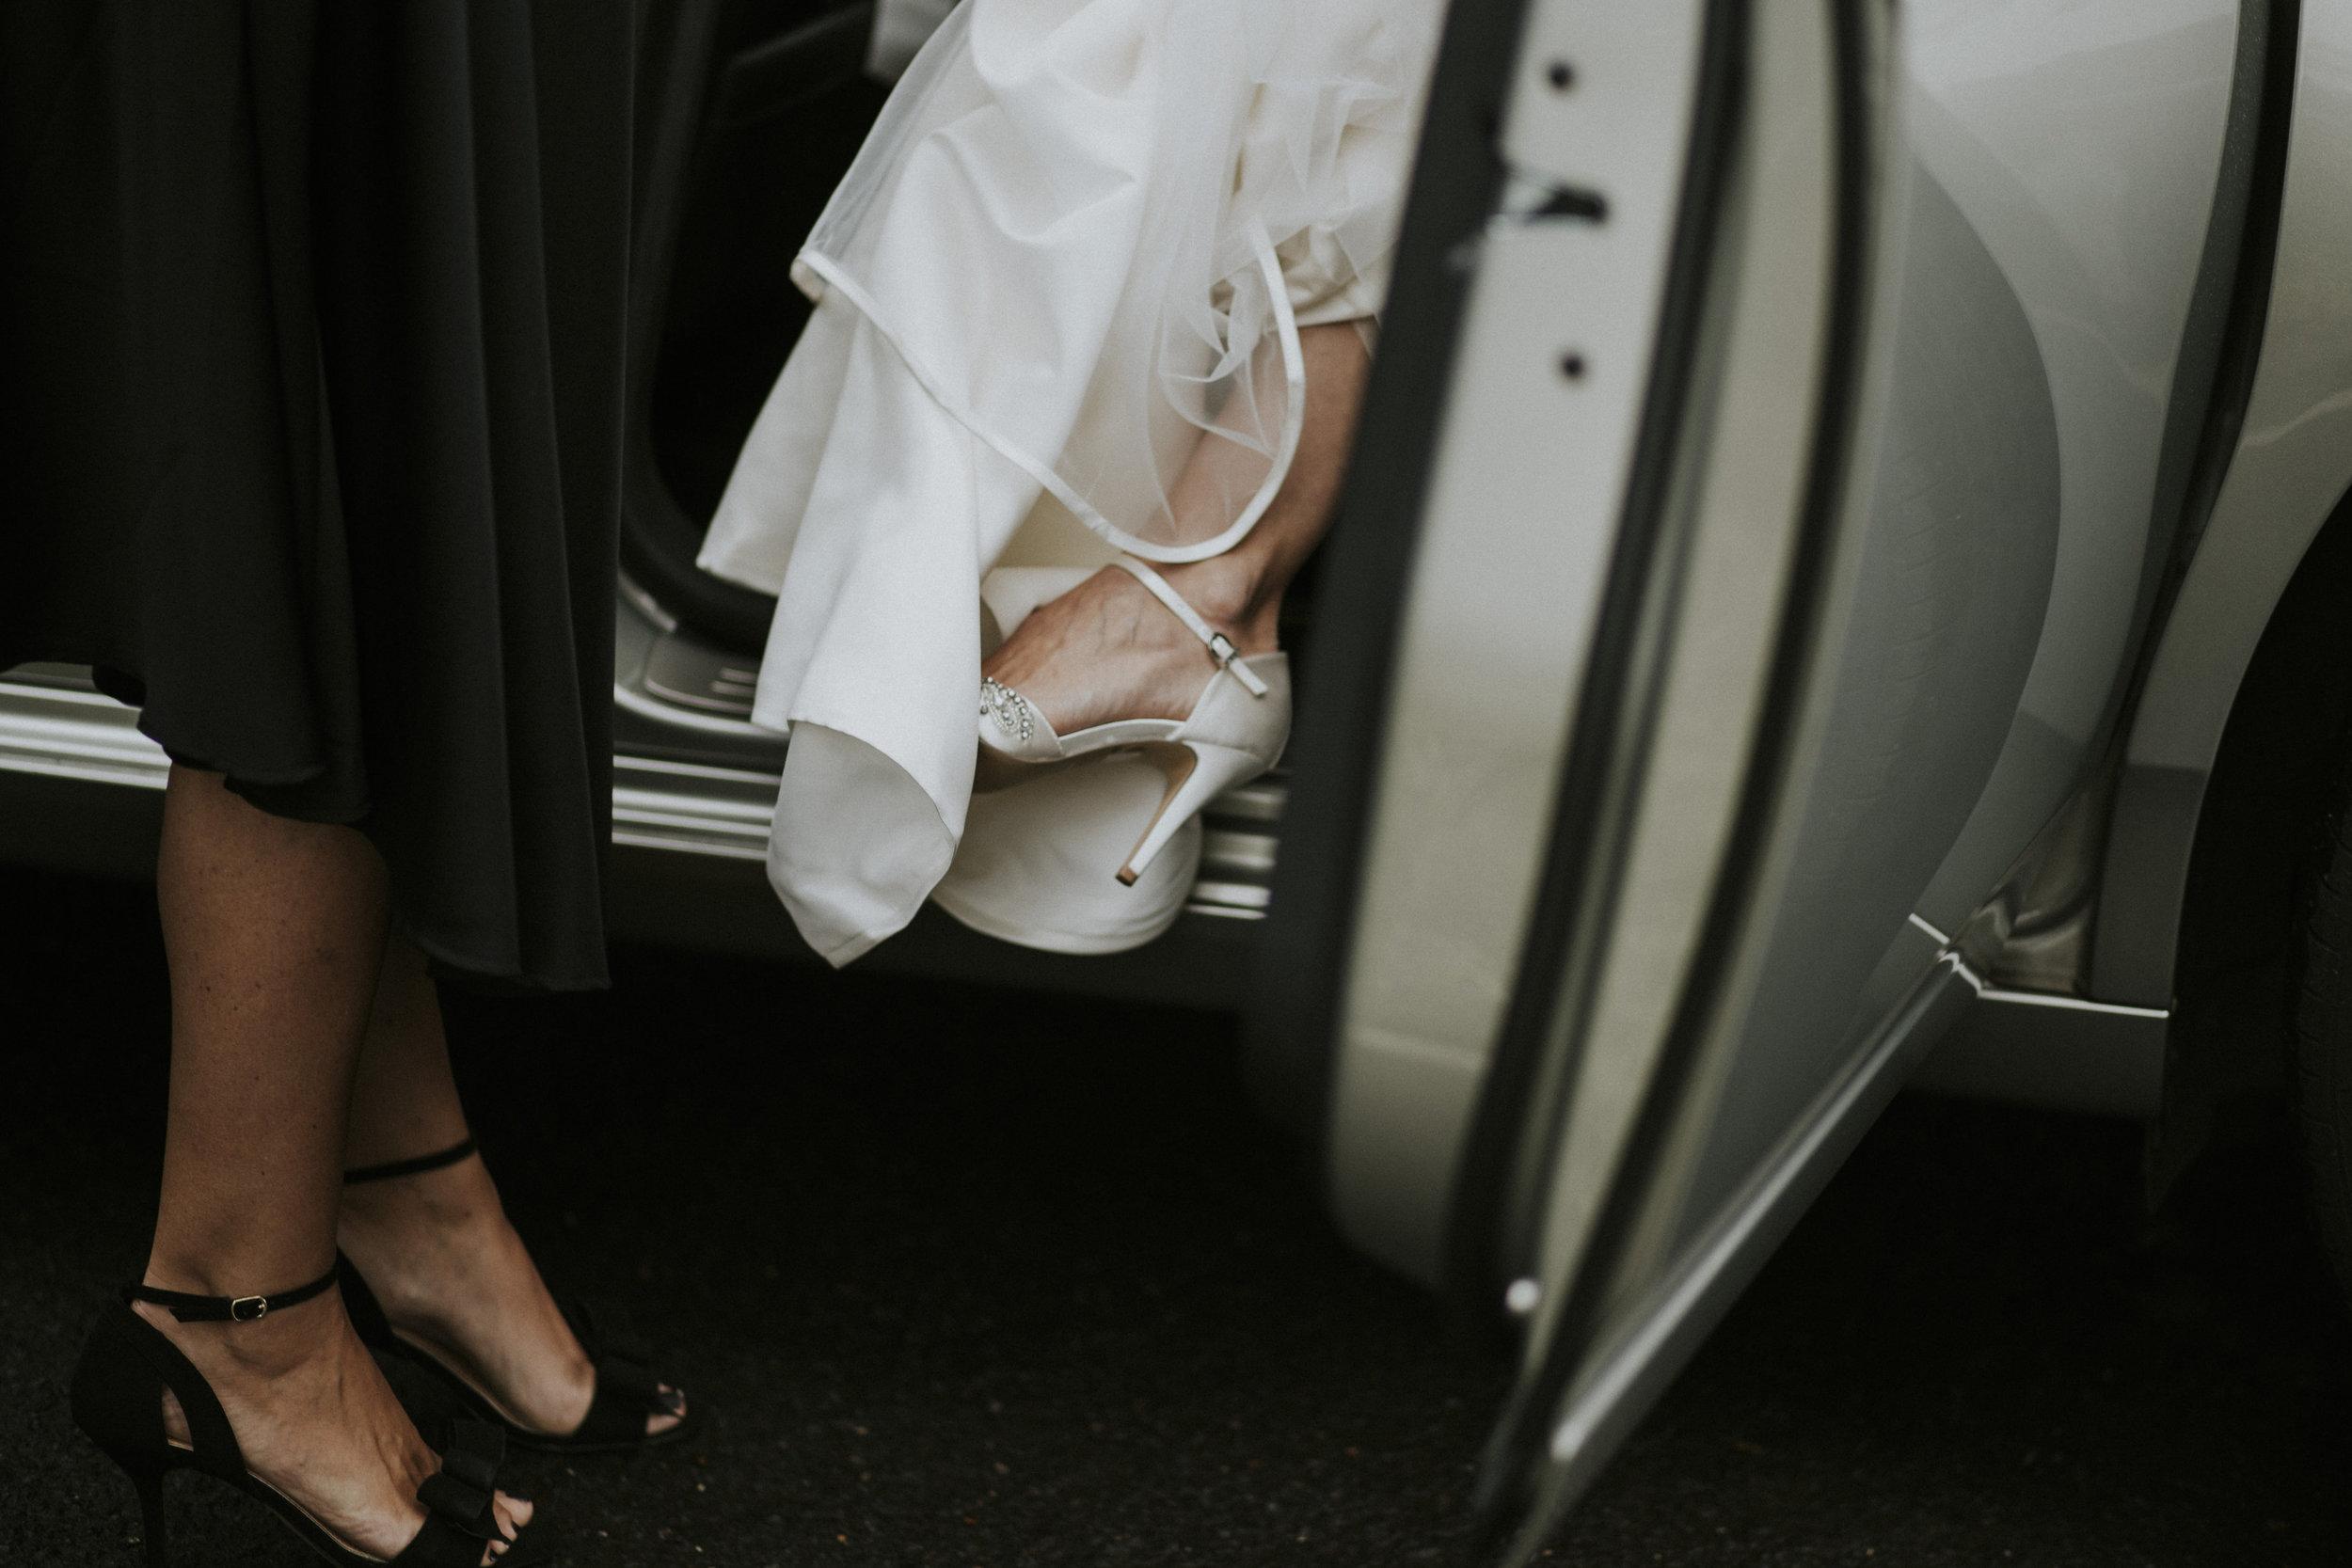 064_wedding_shoes_glasgow.jpg